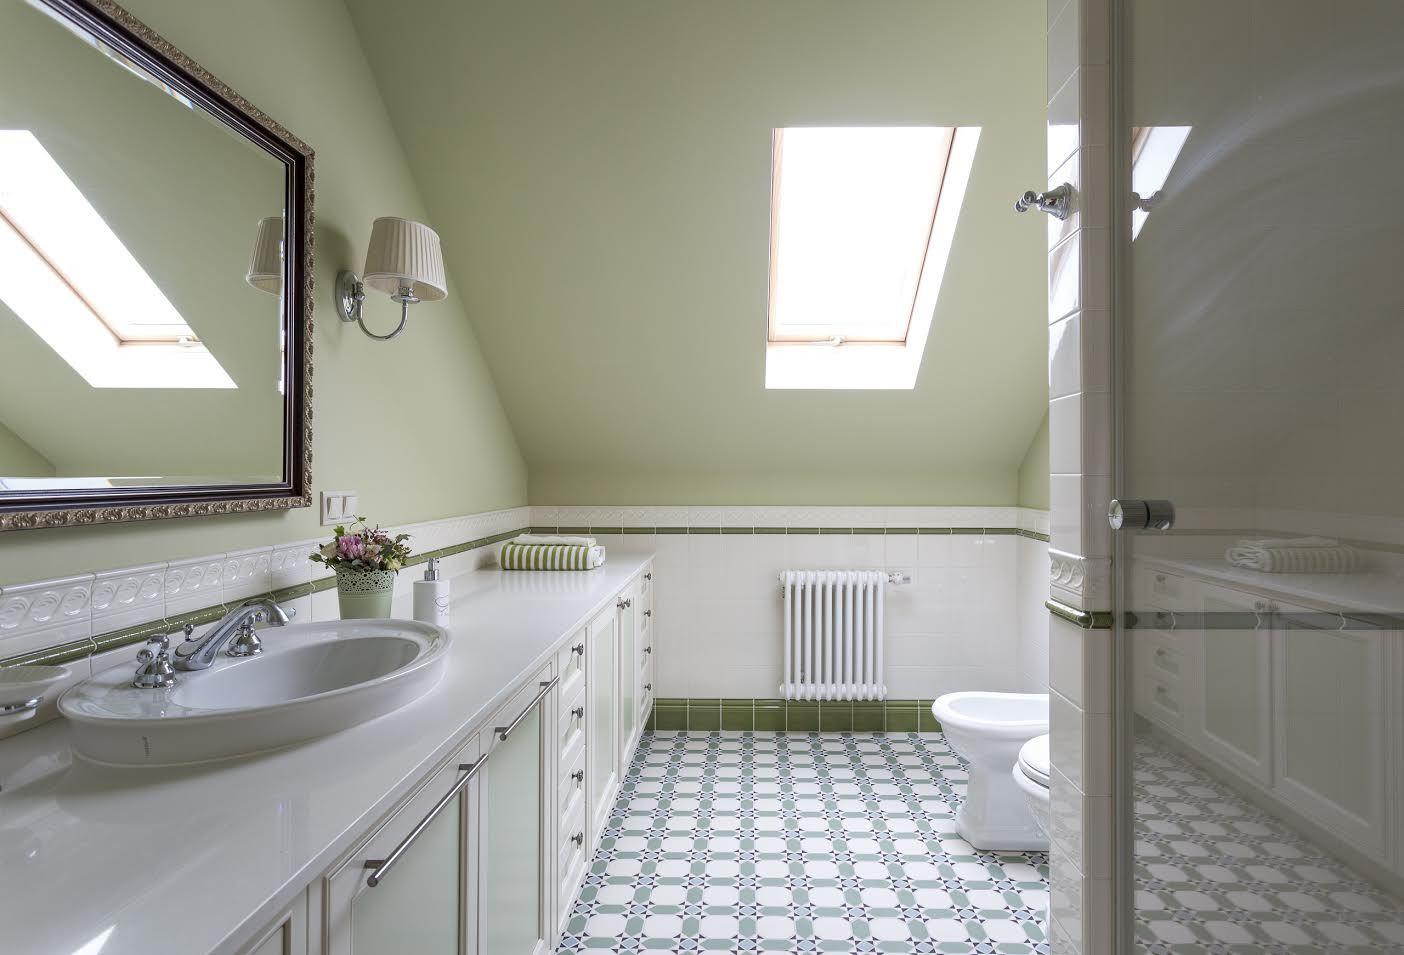 Метлахская плитка в интерьере ванной